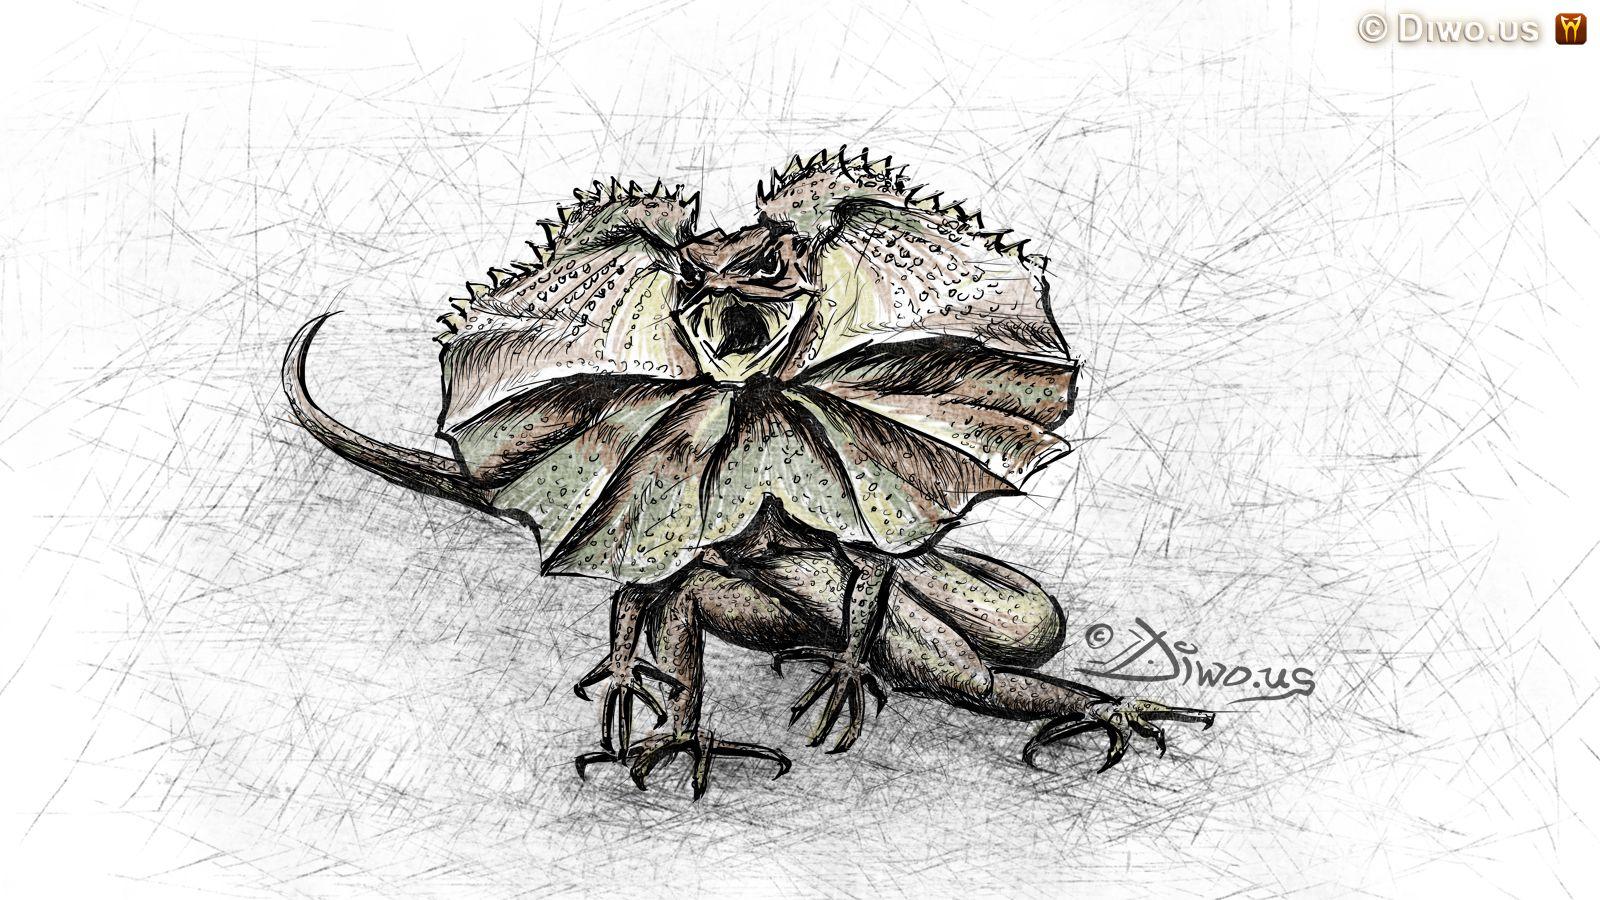 Diwous - fejeton - Porazit nás může jen naše vlastní zbabělost, Agama límcová, kresba